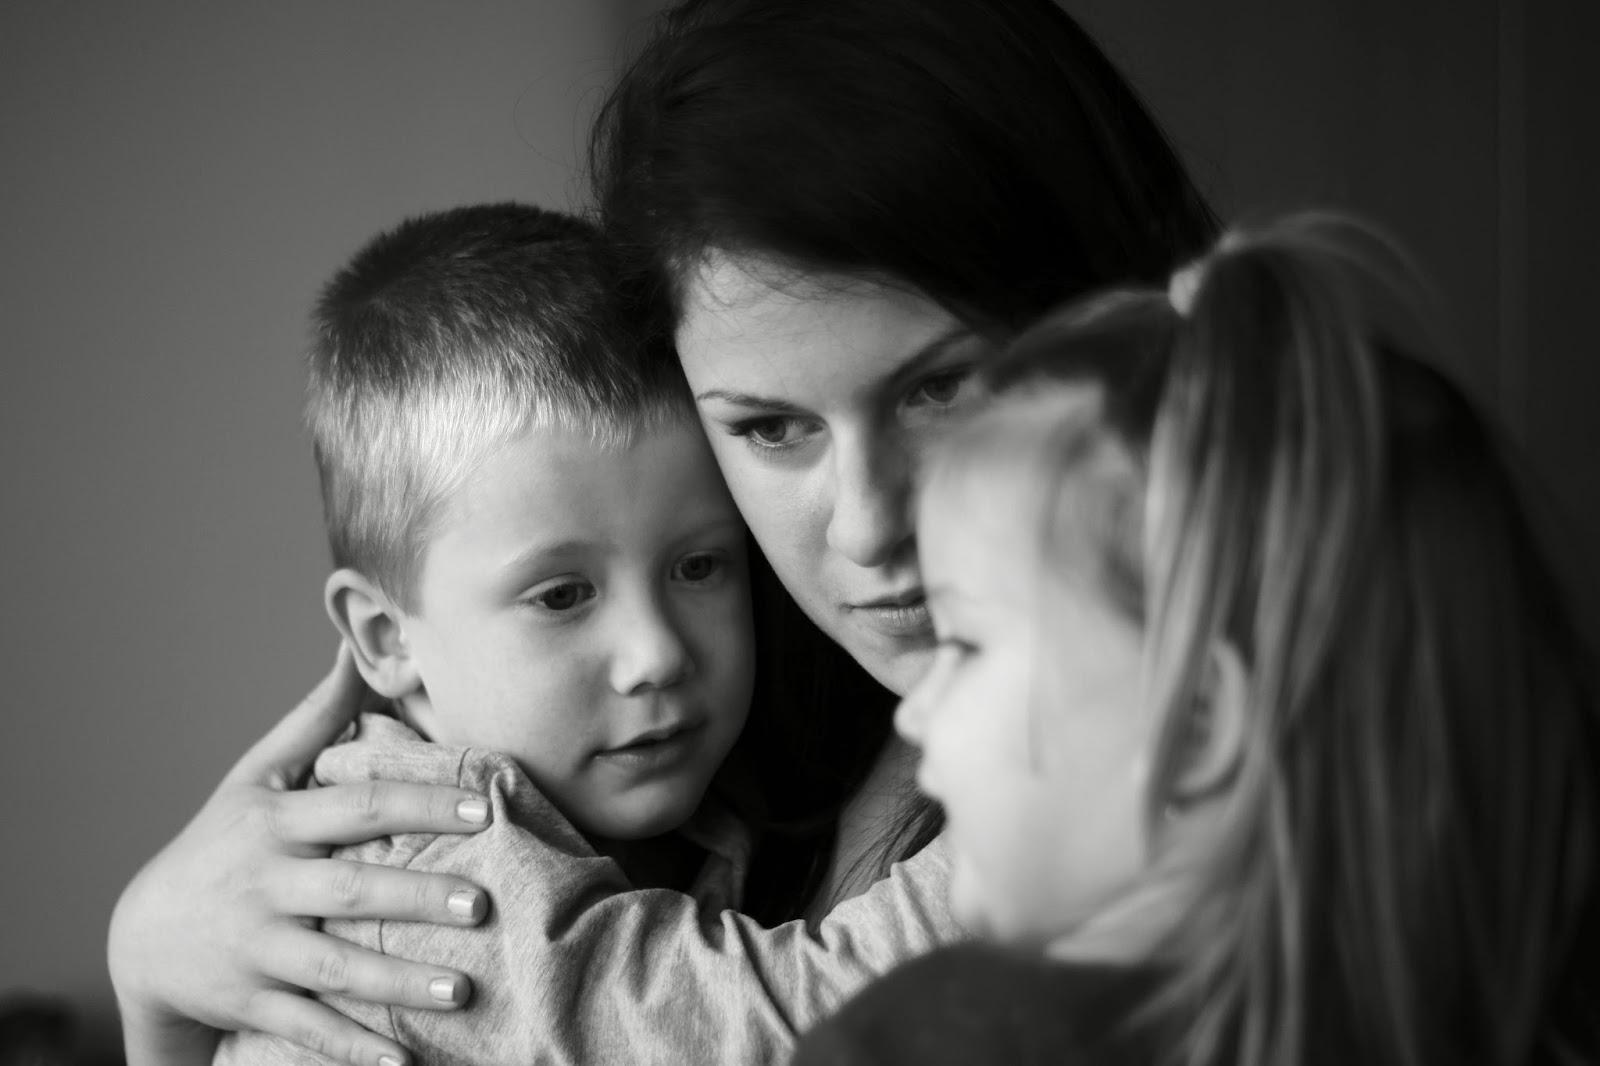 Ετοιμάζεσαι να γίνεις μαμά;Είσαι μαμά ήδη;Τότε διάβασε αυτό το κείμενο!